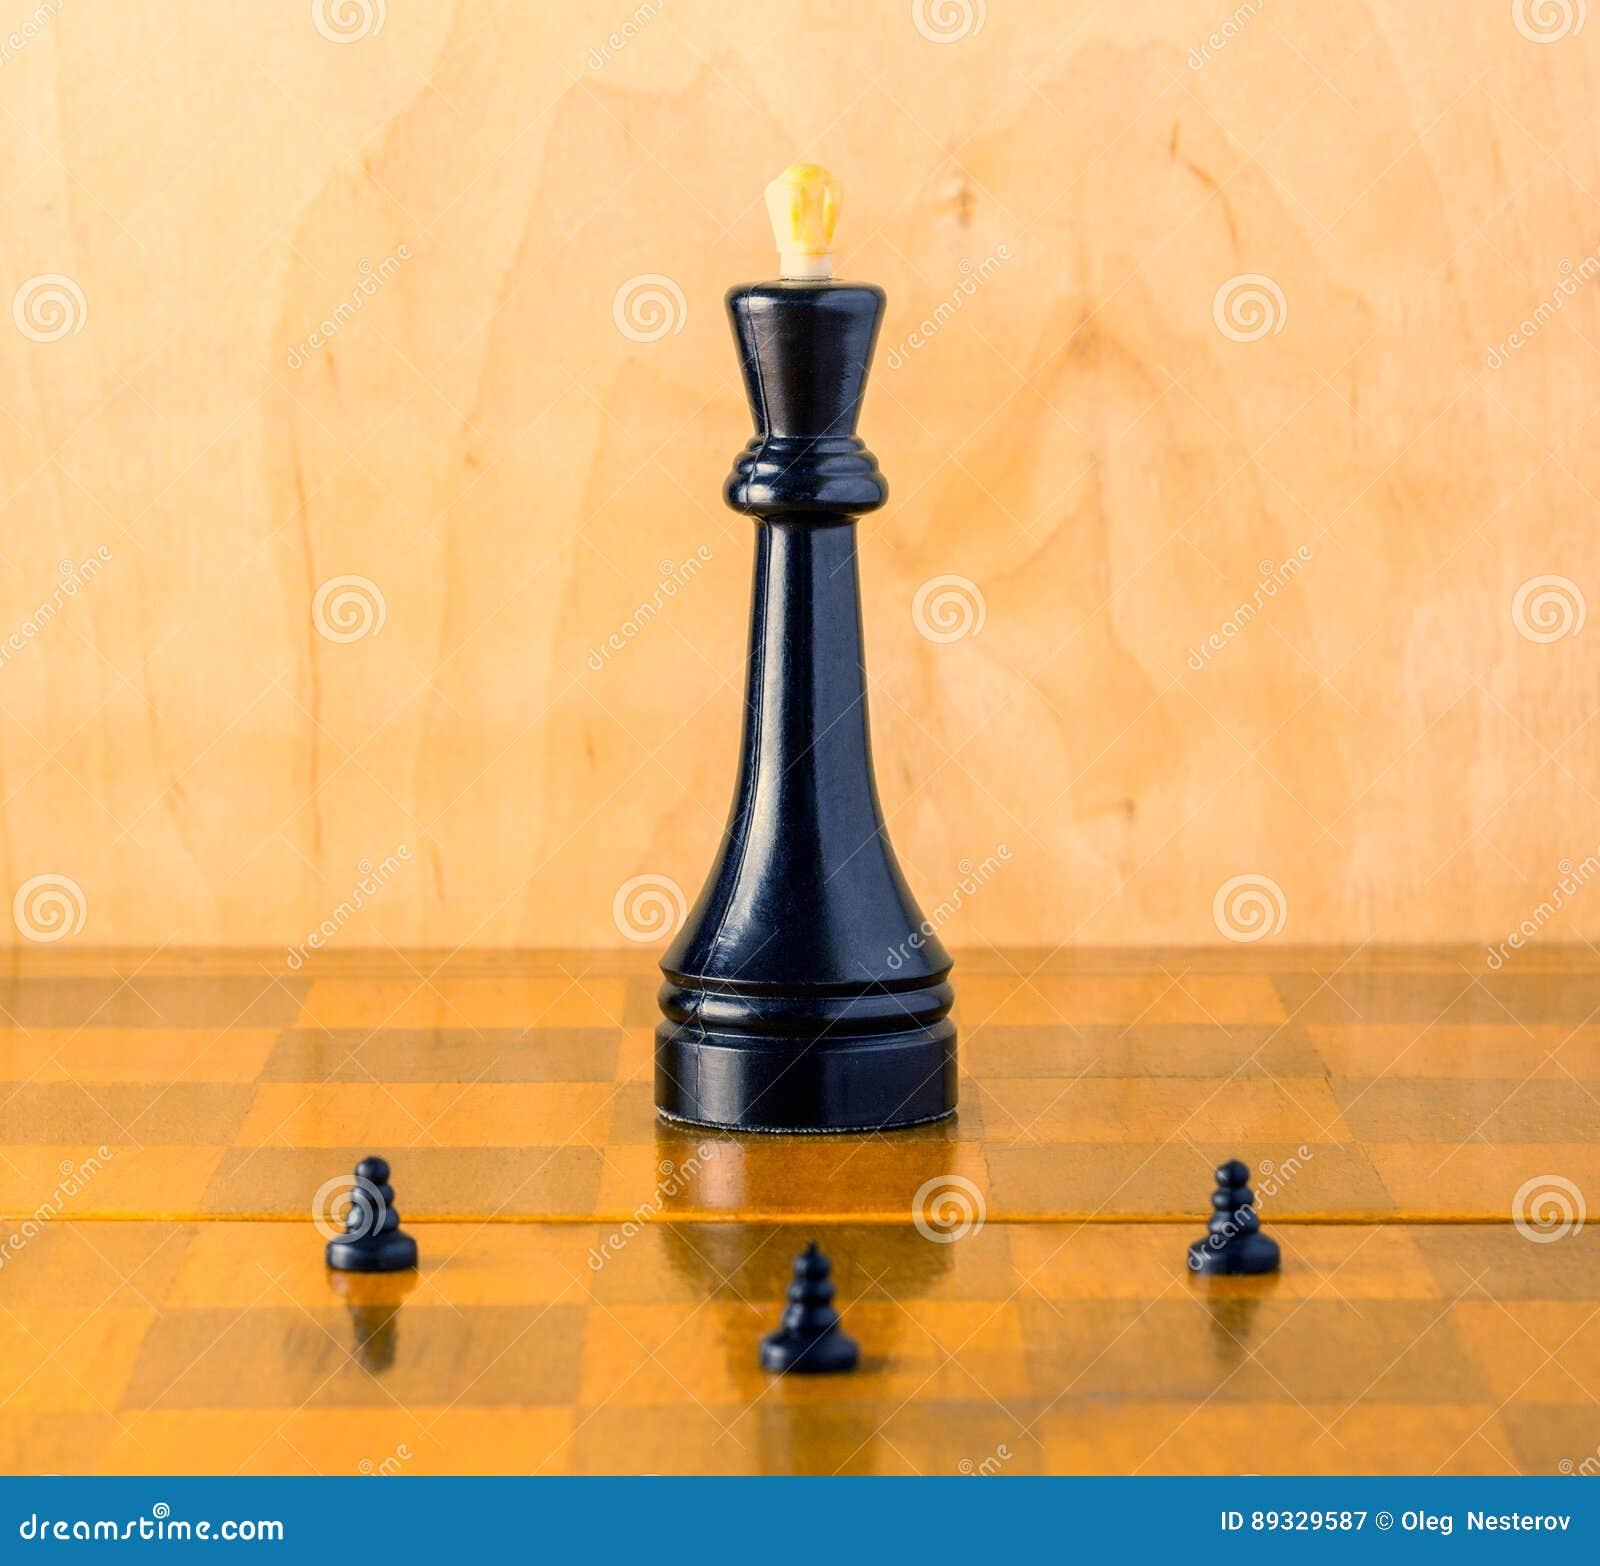 Διοικητής--προϊστάμενος στη σκακιέρα